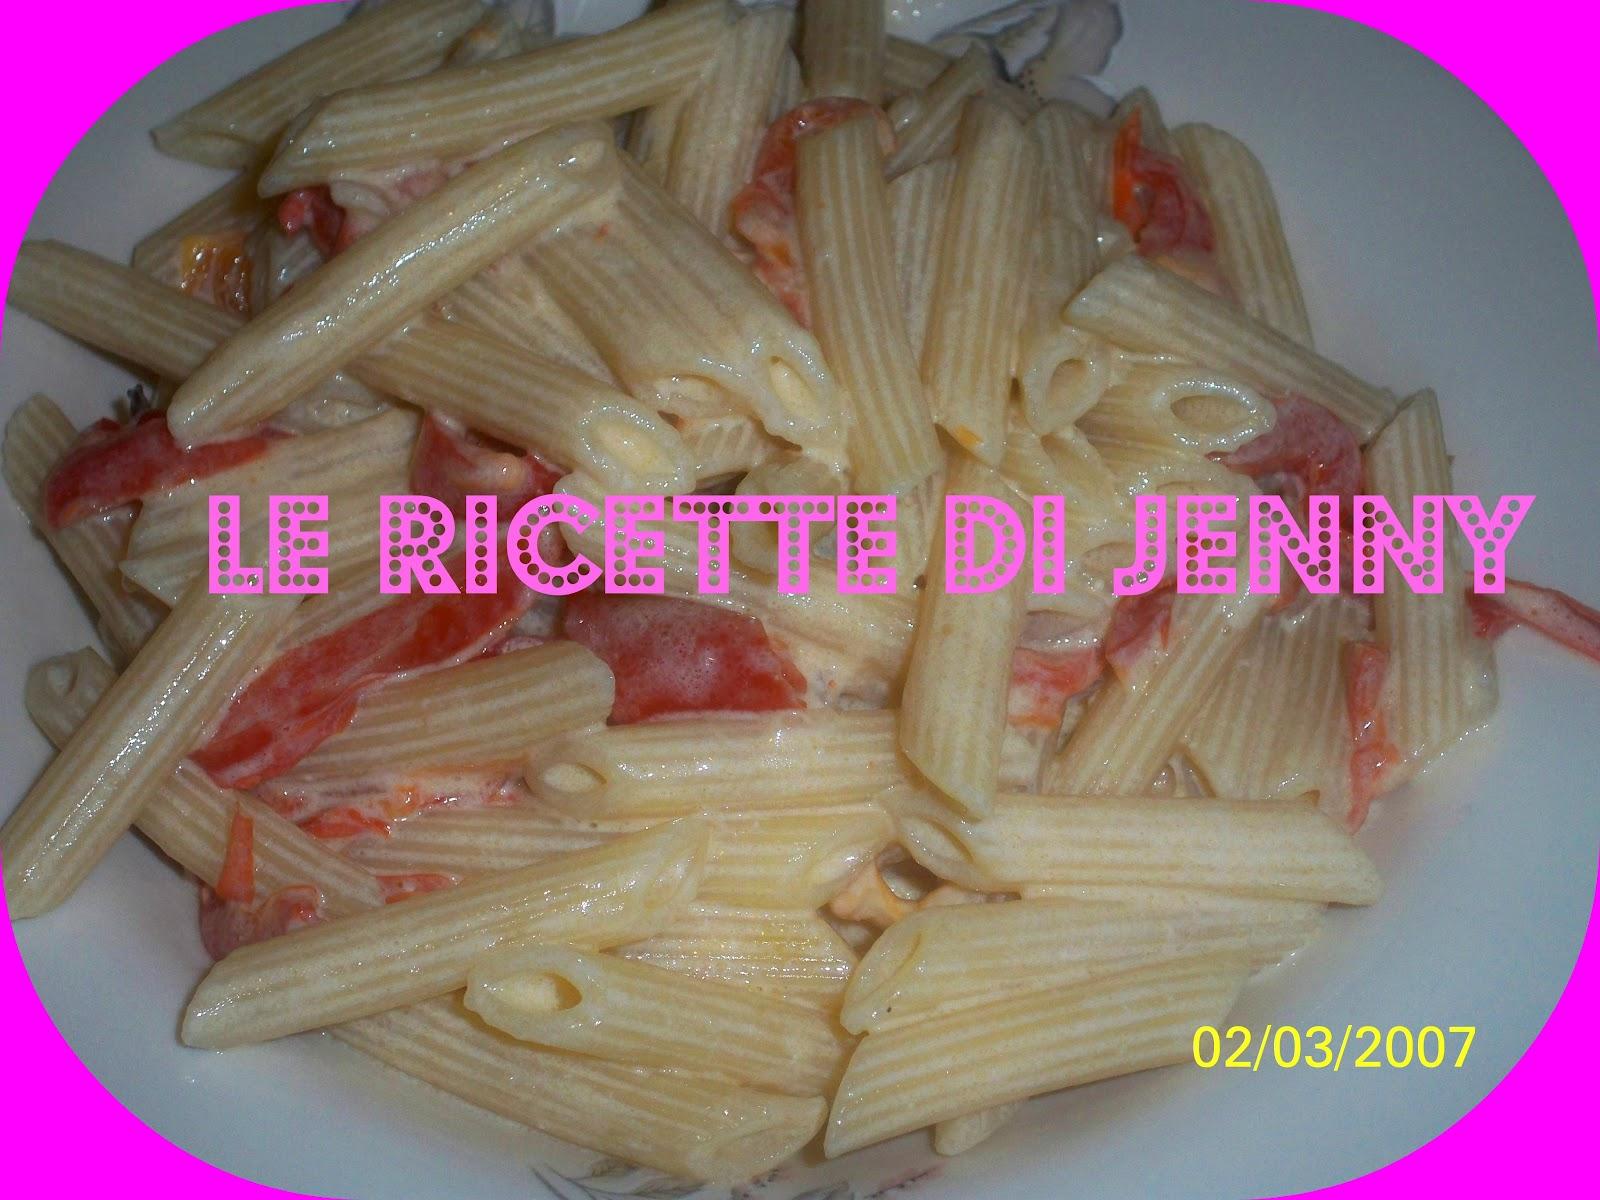 le ricette di jenny passione e fantasia in cucina penne